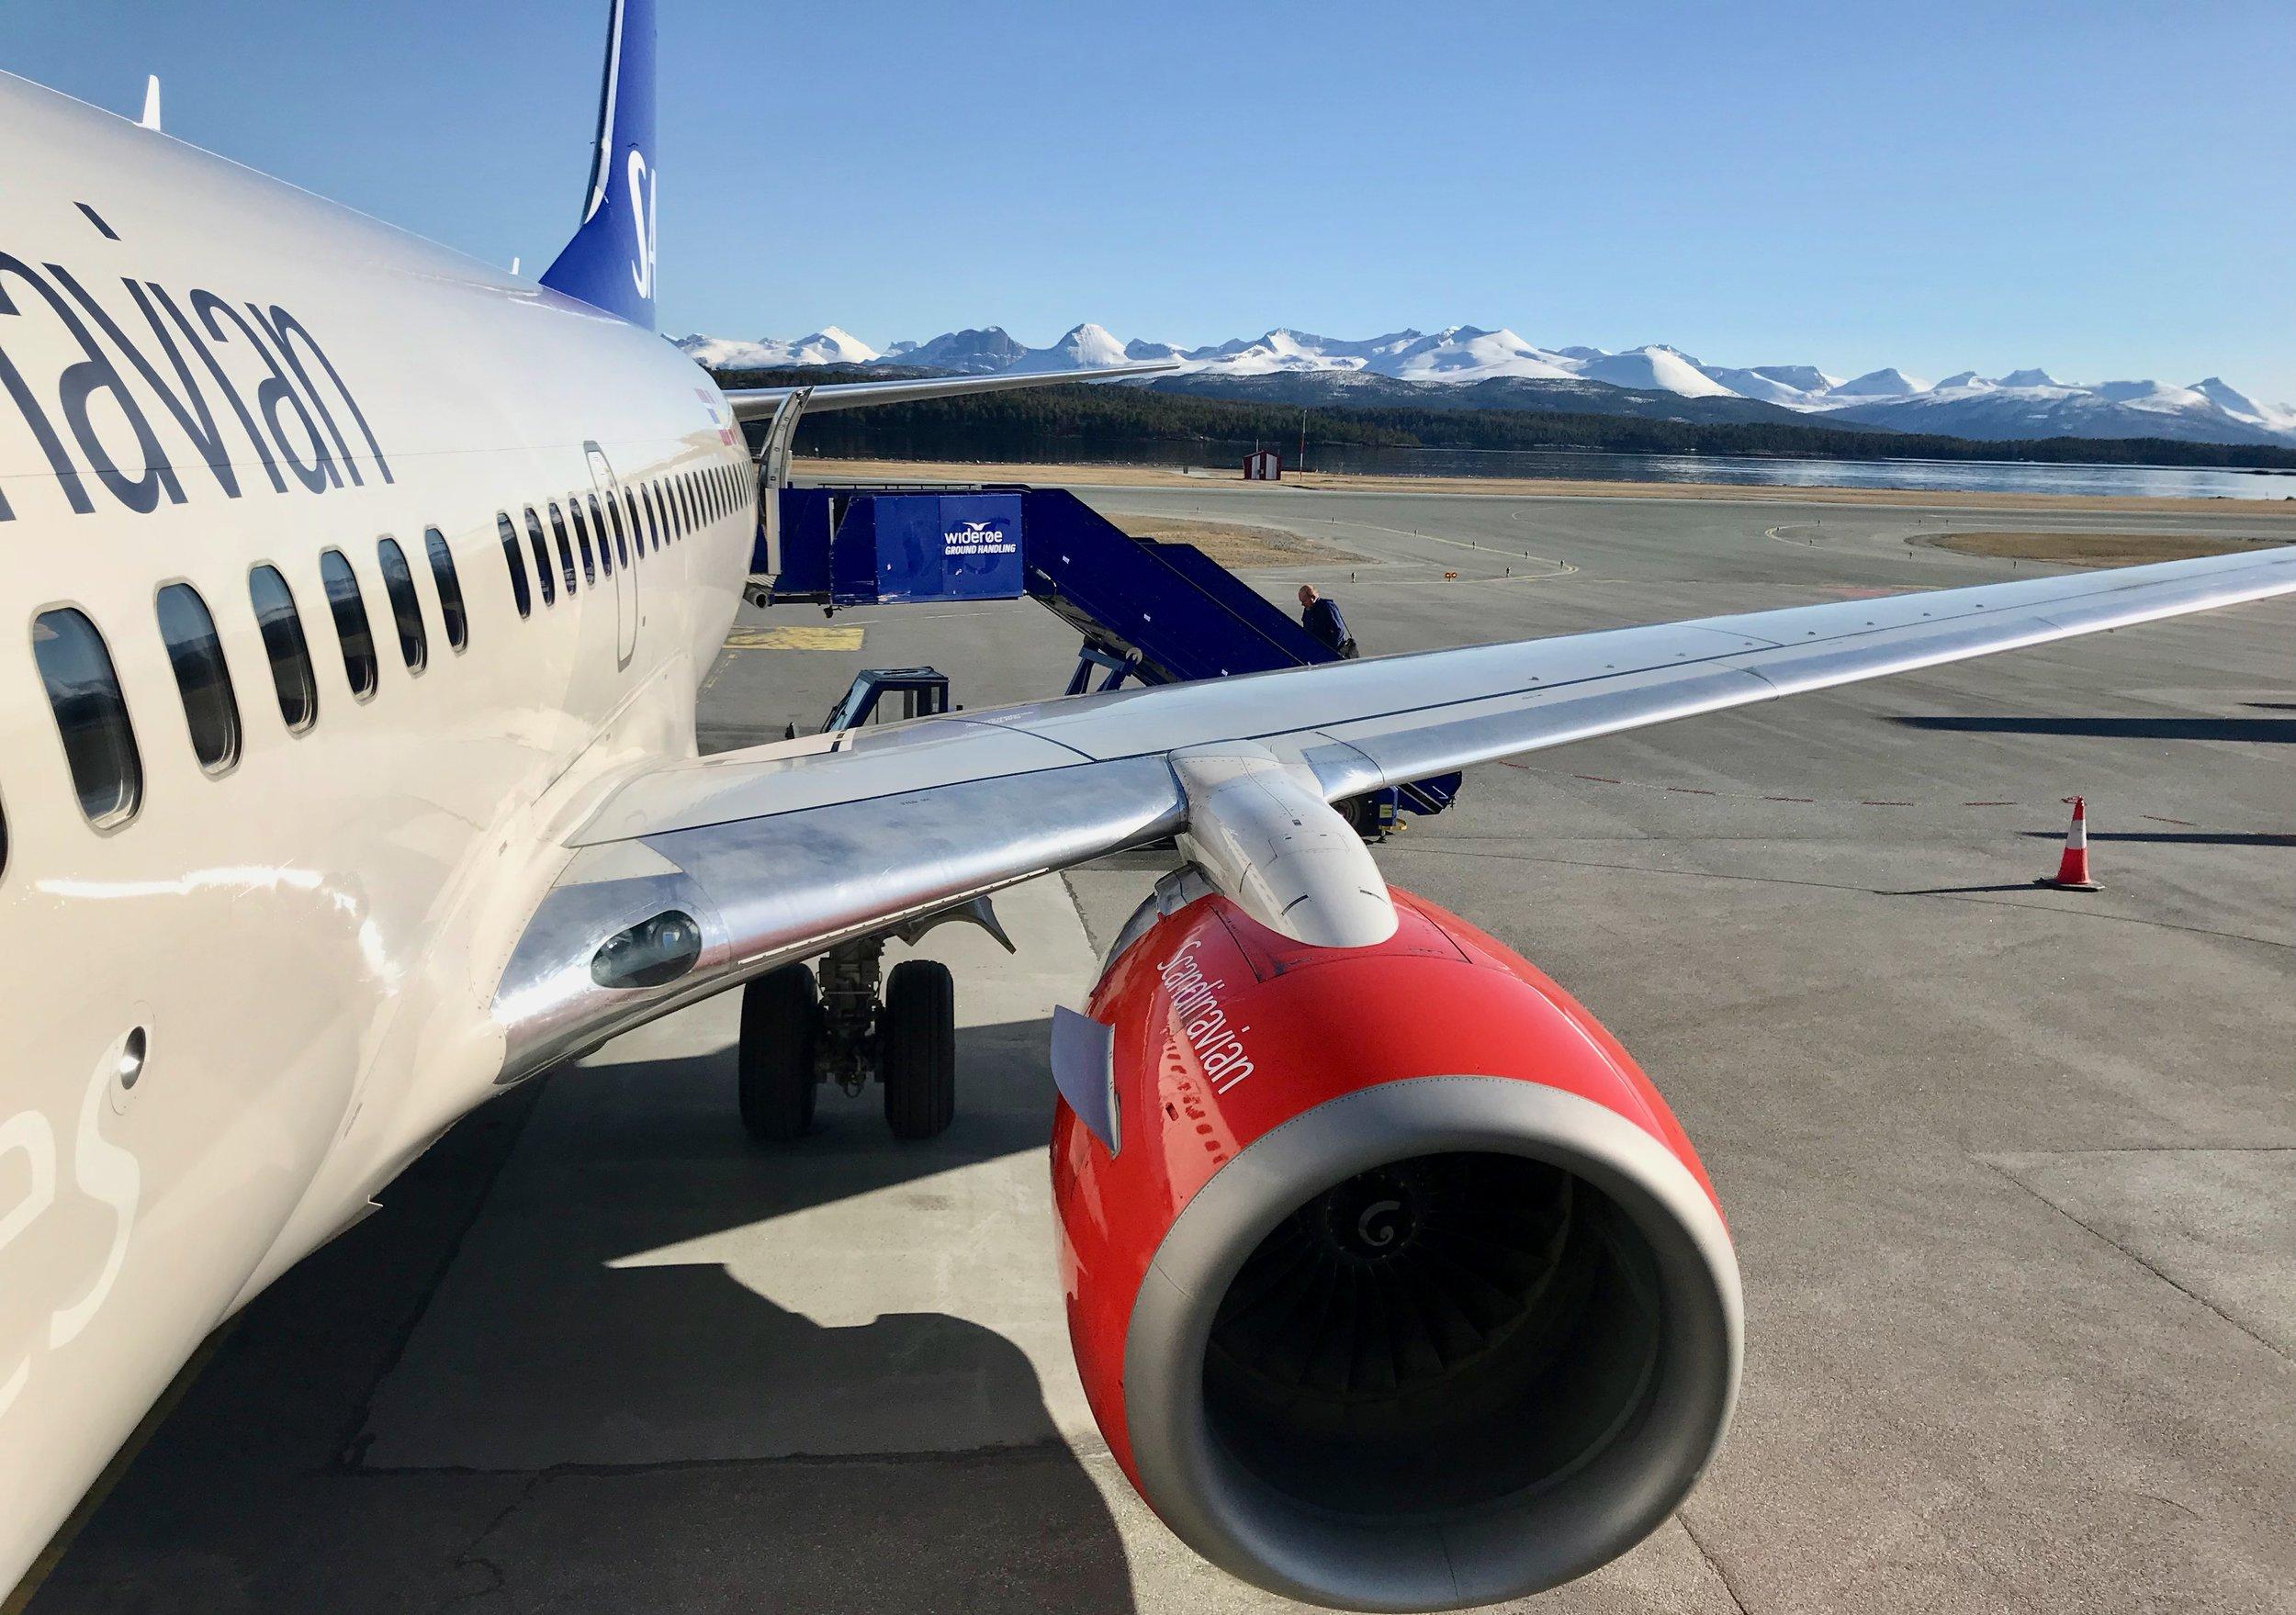 SAS kan bli rammet av streik. Da er det greit å vite hvilke fly som flyr og hvilke som rammes av streiken. Foto: Odd Roar Lange